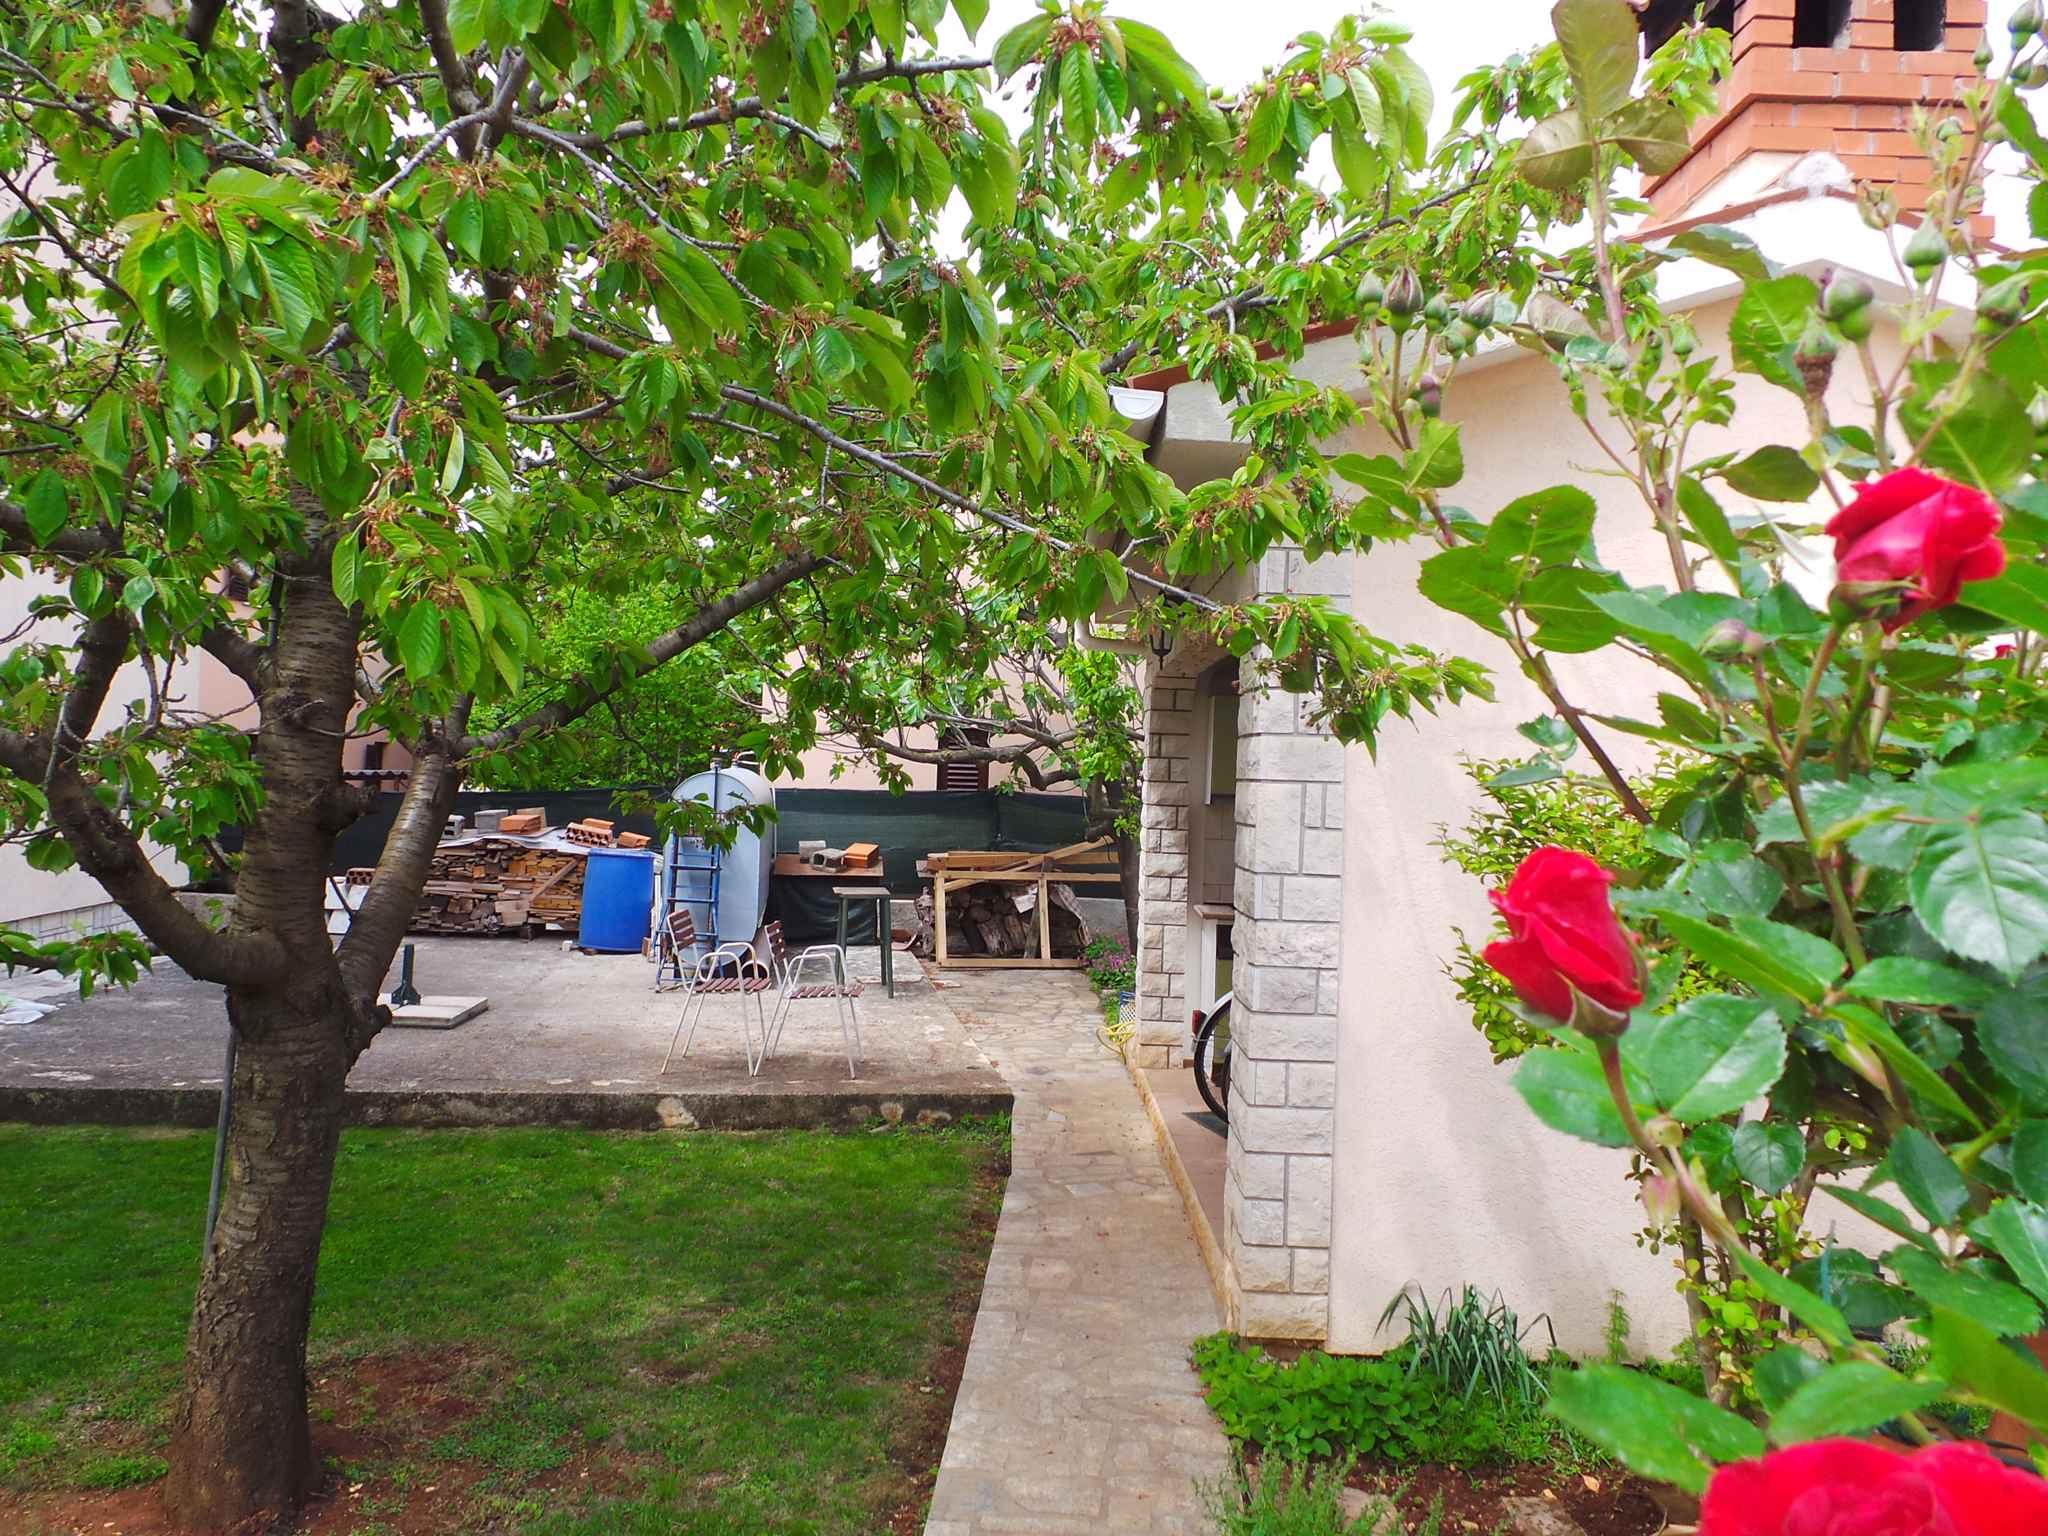 Ferienwohnung mit Tischtennis im Garten (279780), Fažana, , Istrien, Kroatien, Bild 11